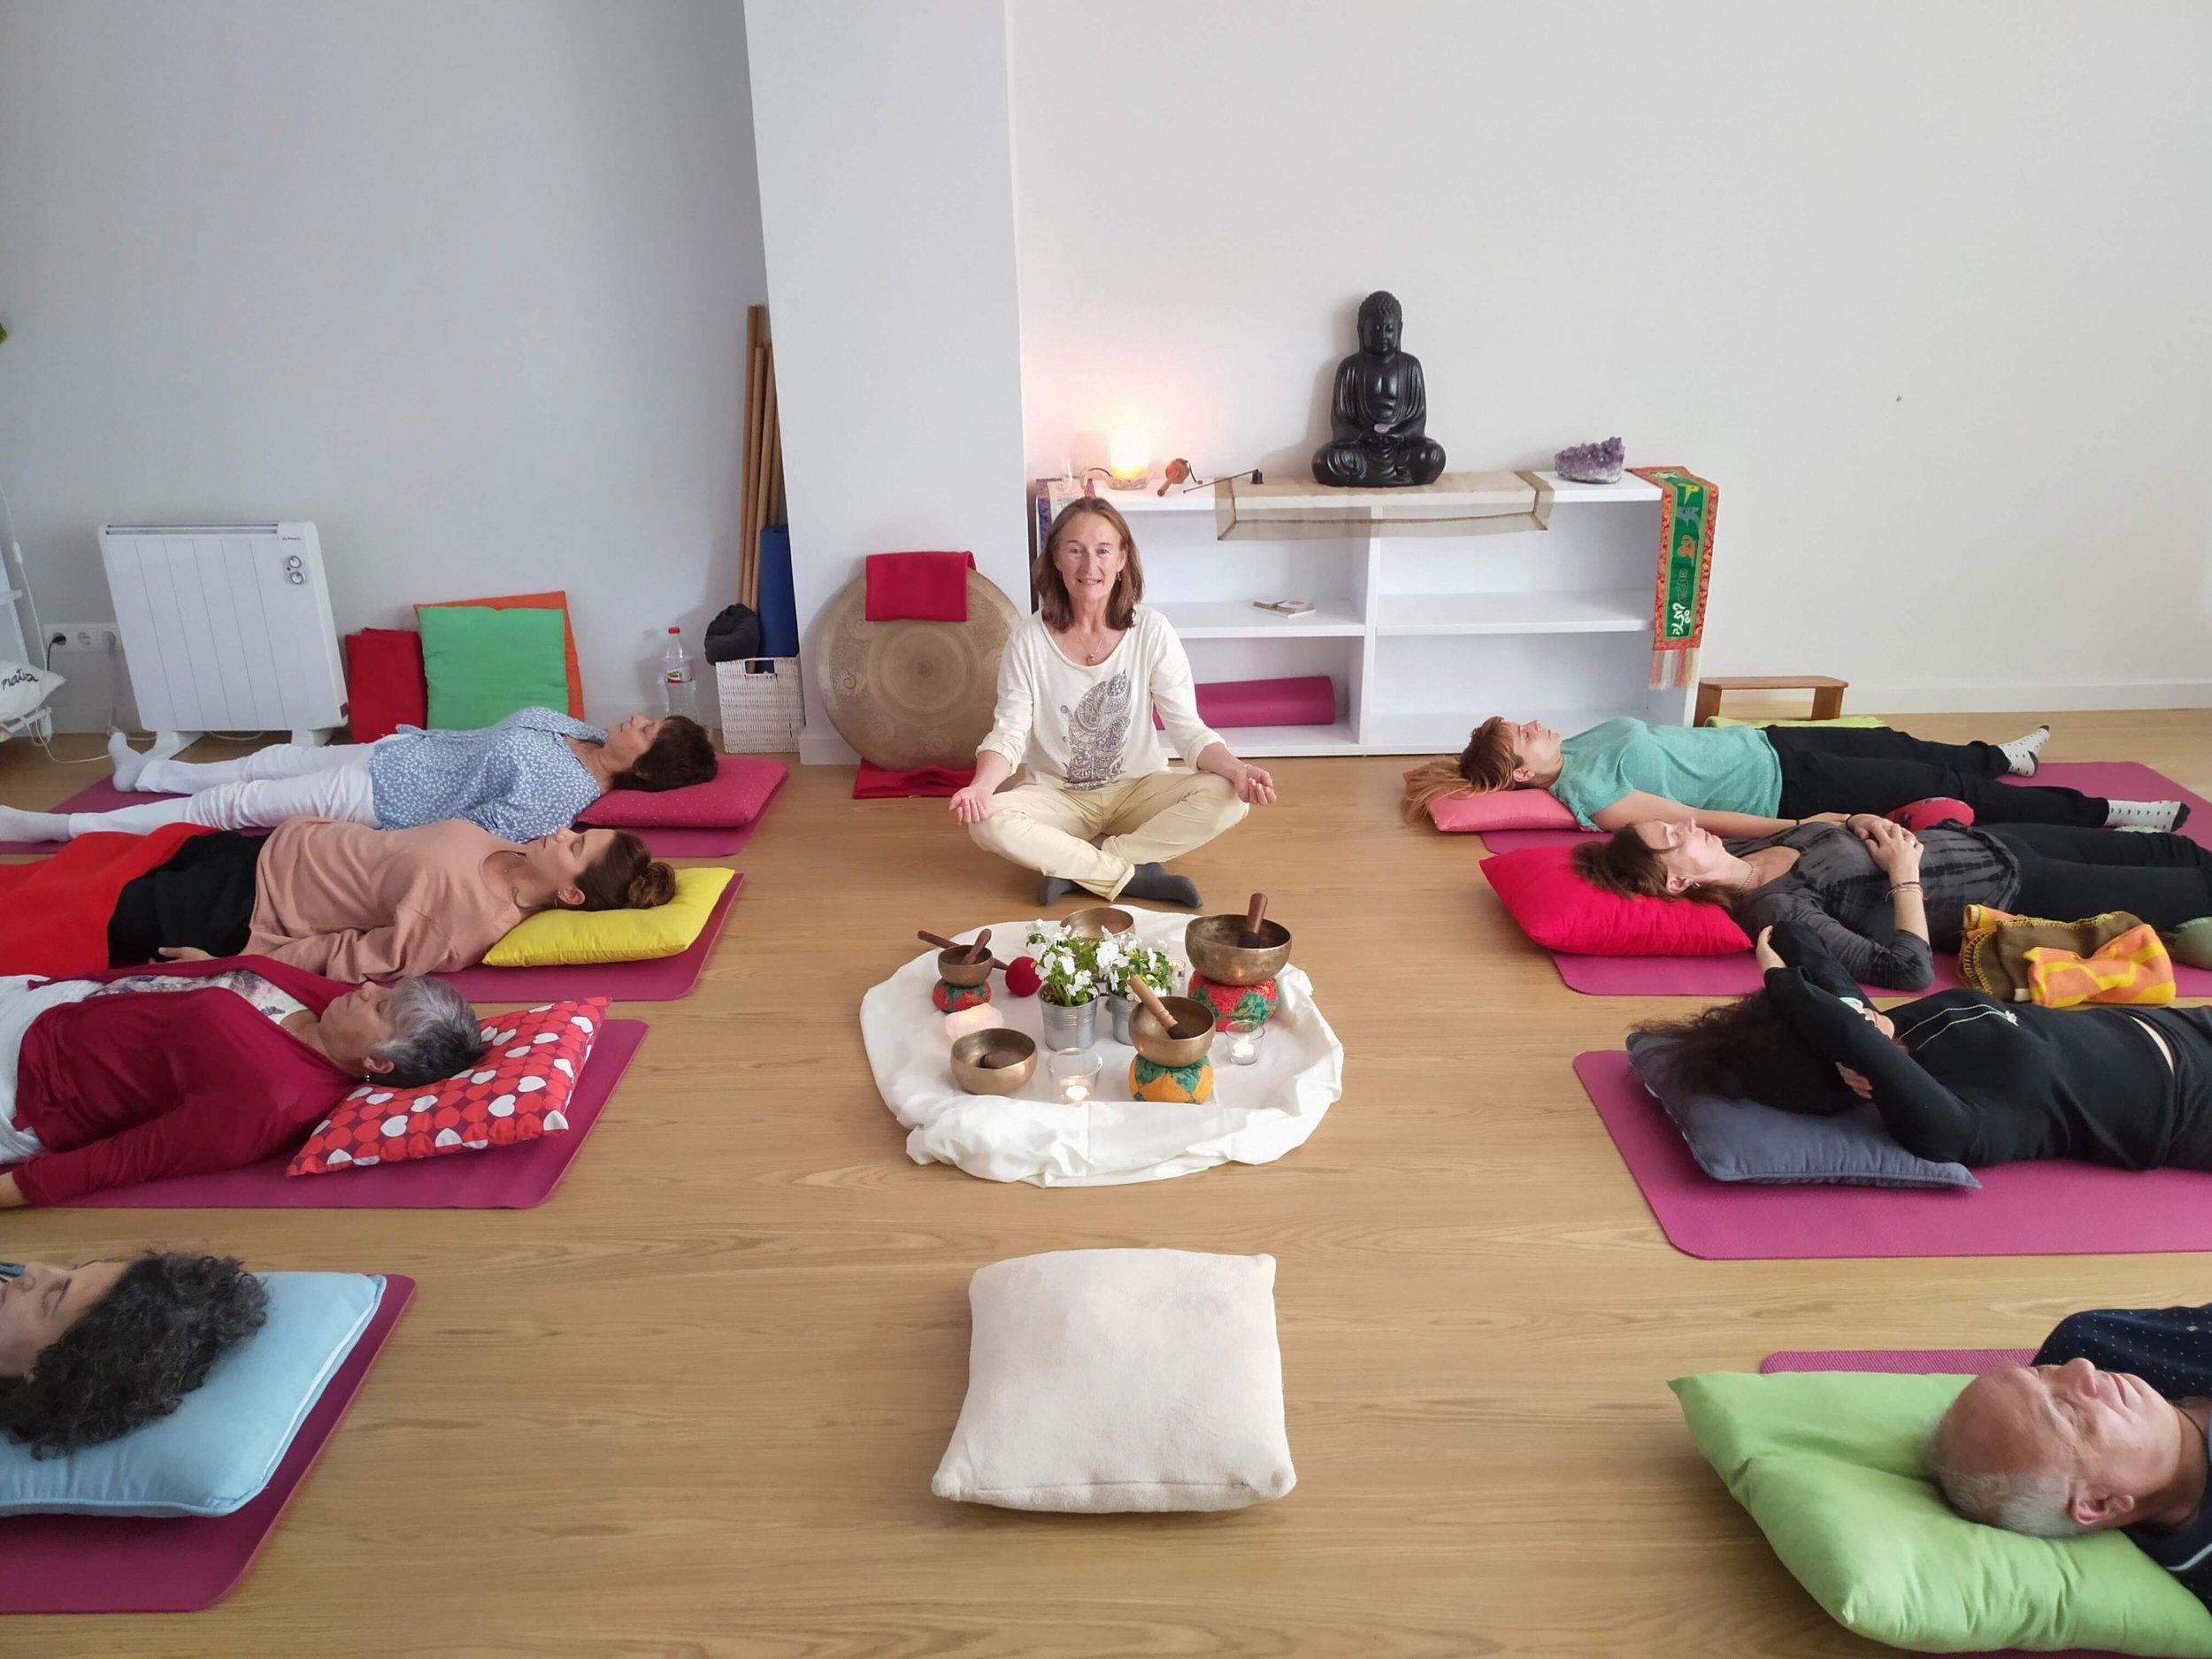 Meditación con cuencos y gong. Meditaciones guiadasTODOS LOS MESES - El 2º viernes de cada mes realizamos un concierto de cuencos y gong y, el último viernes de cada mes hacemos una meditación guiada. Las dos meditaciones son abiertas para todos. La duración es de una hora y la aportación de 5€. No es necesario que tengas experiencia previa. Revisa las próximas fechas AQUÍ